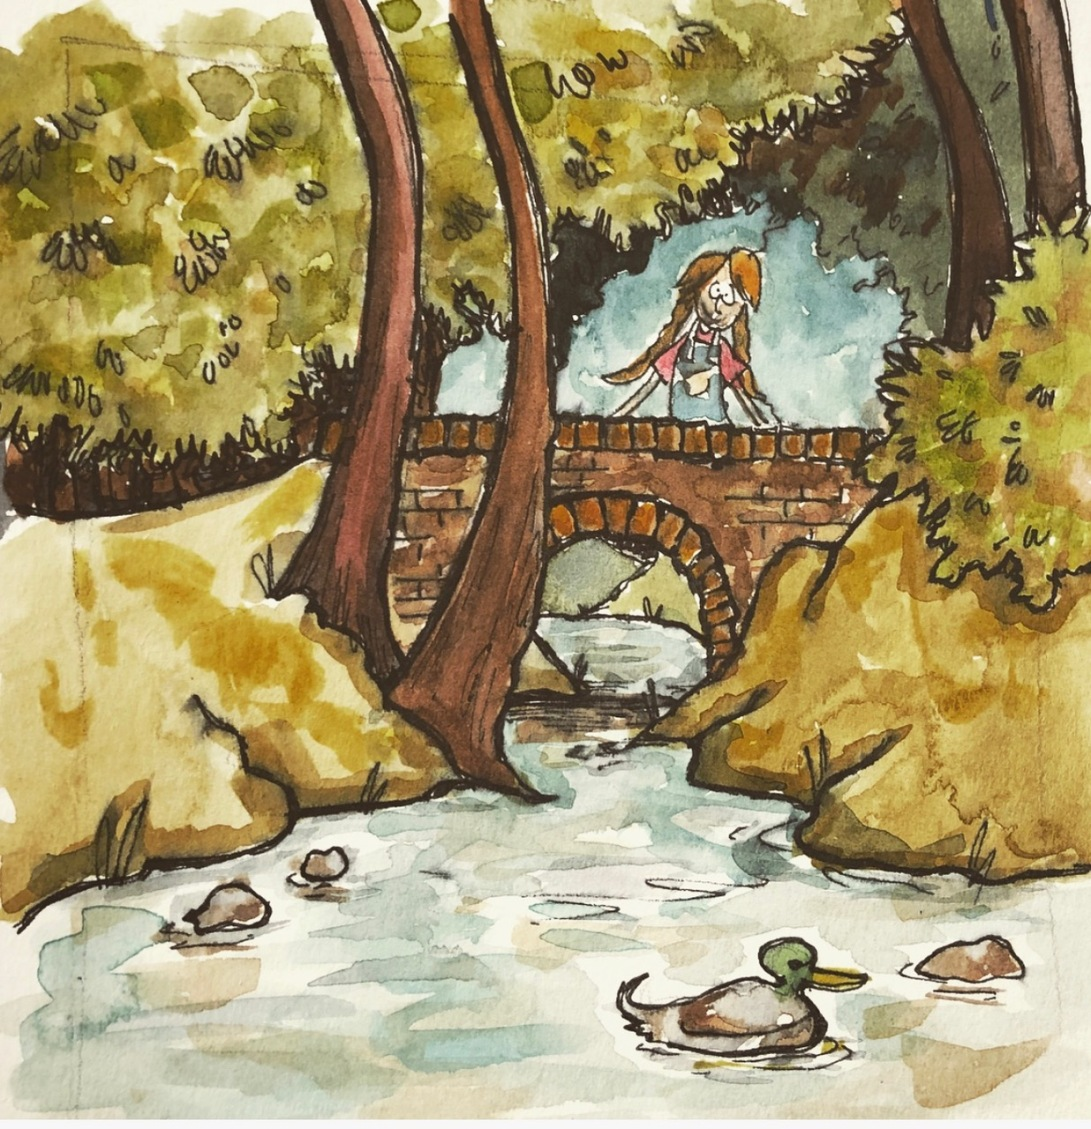 My Name Alice on Bridge